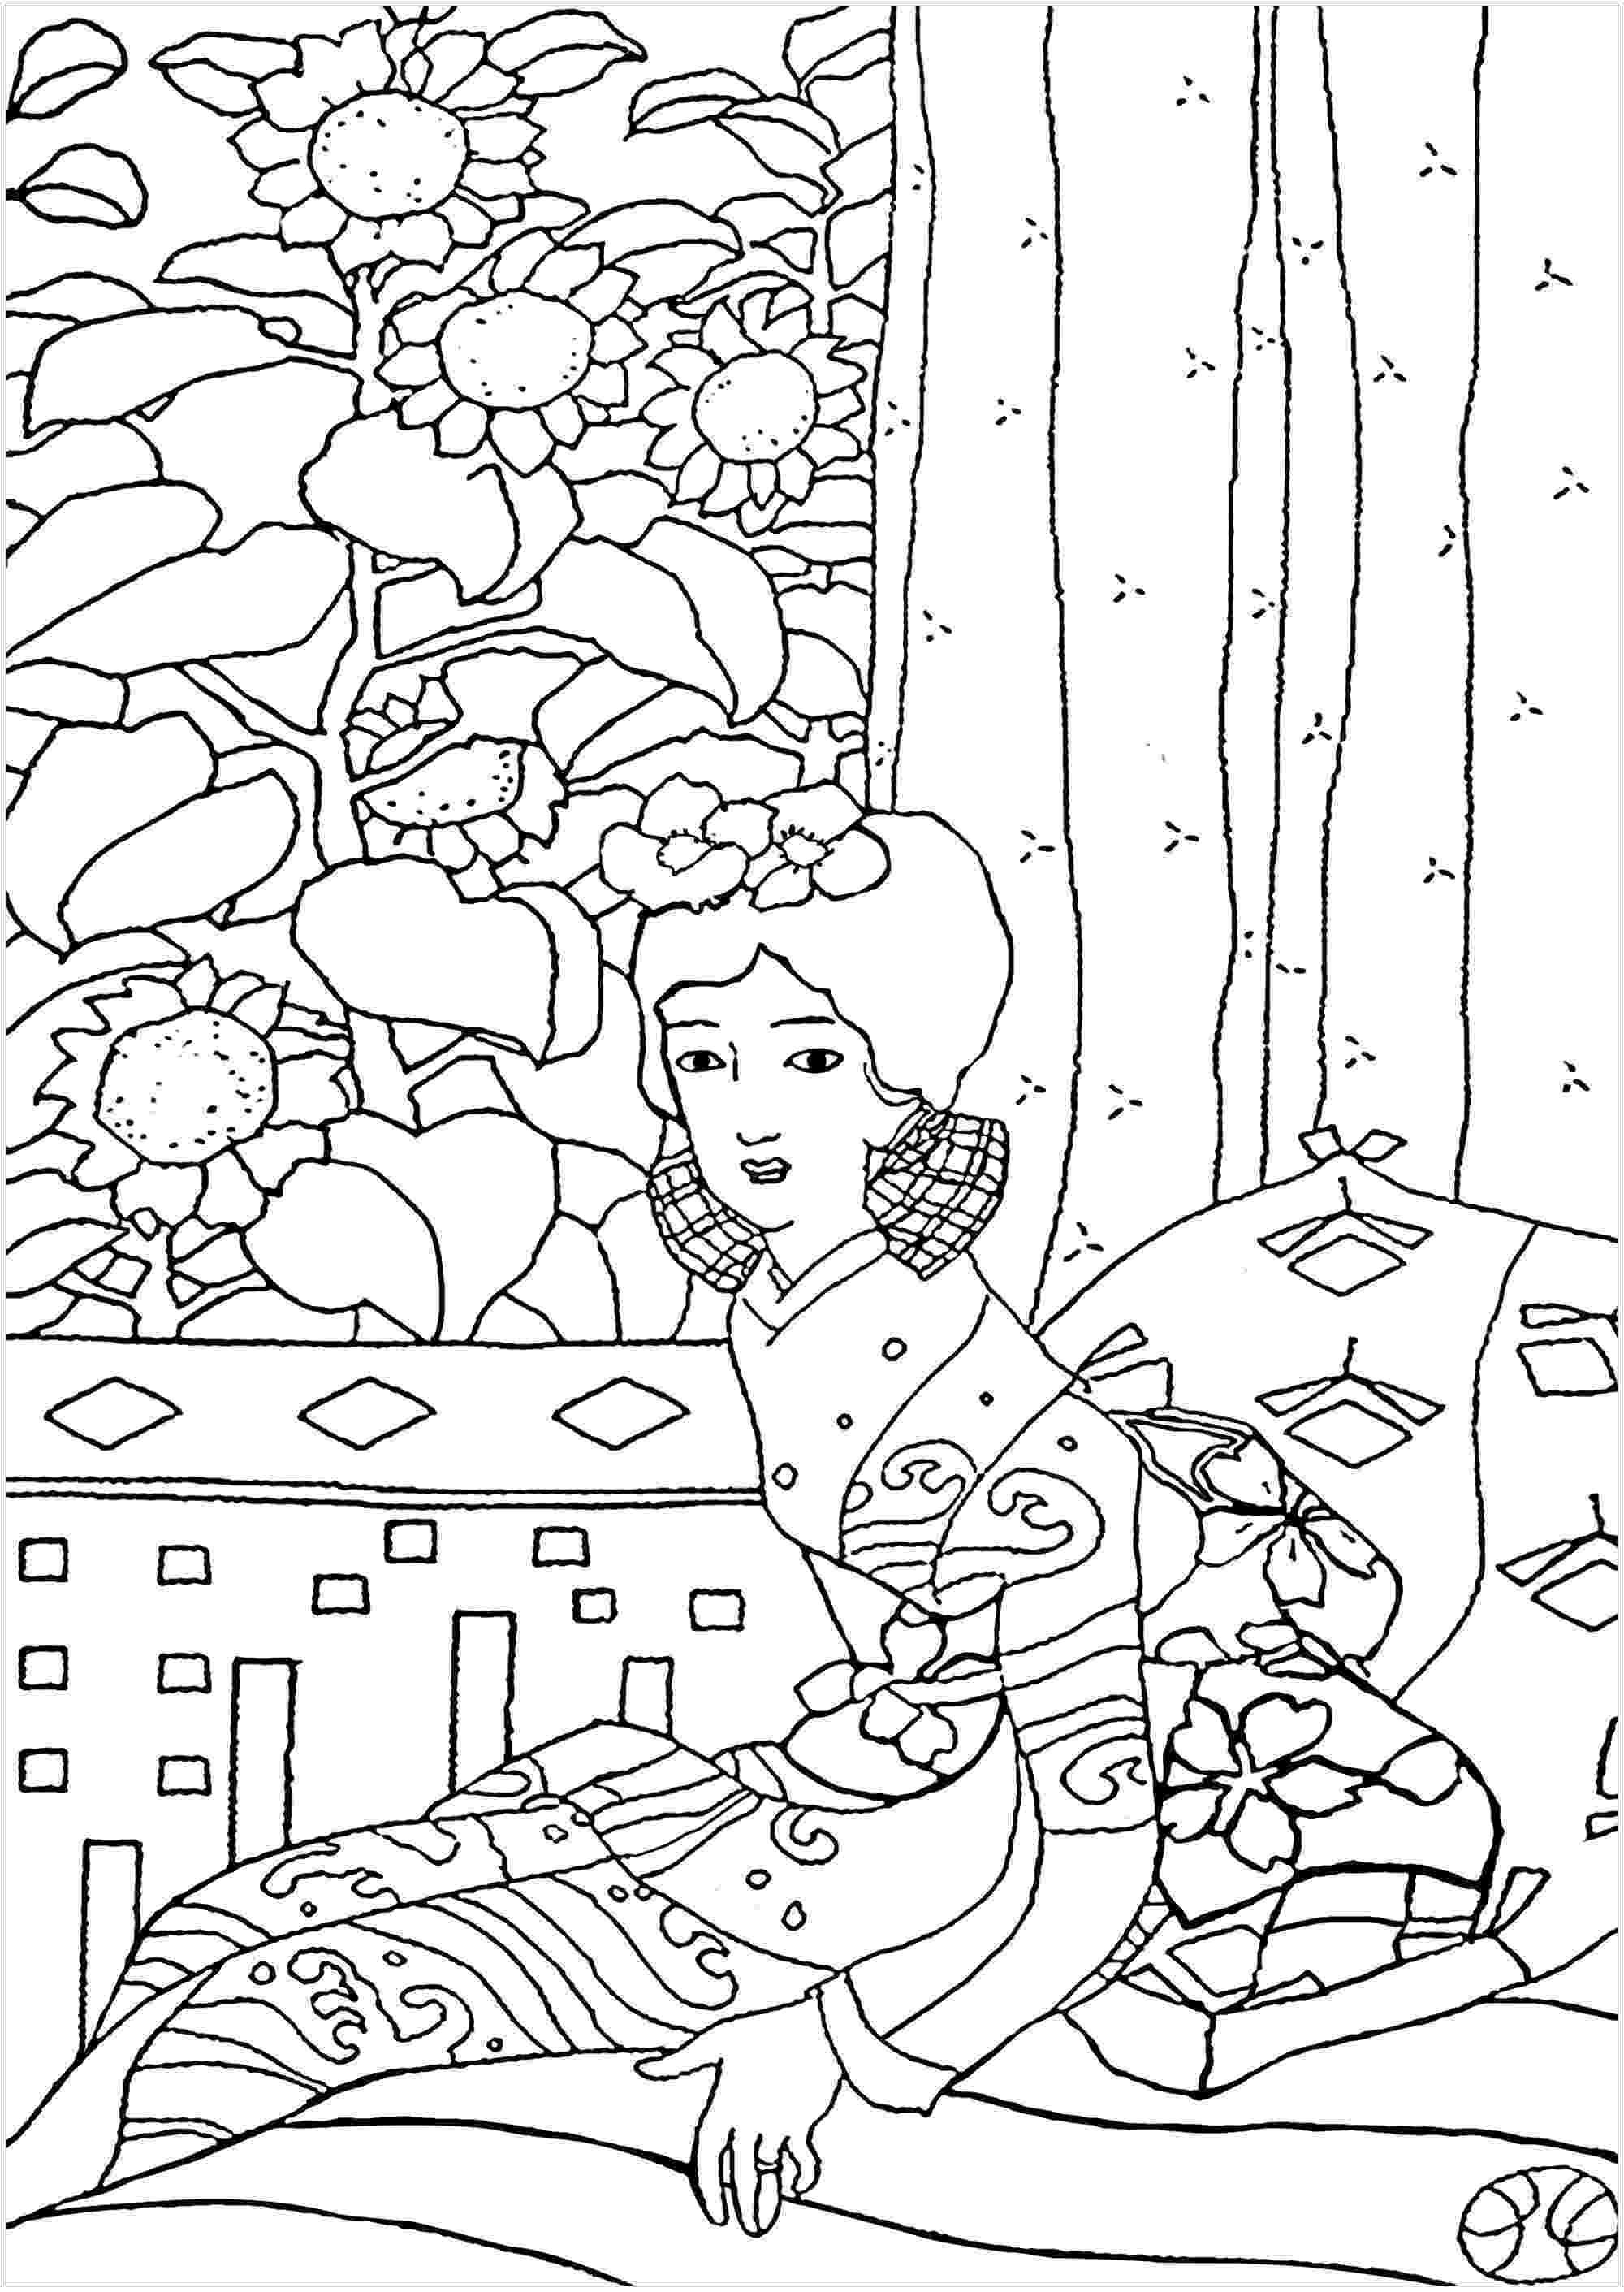 japanese coloring pages geisha yumeji takehisa japan adult coloring pages coloring japanese pages